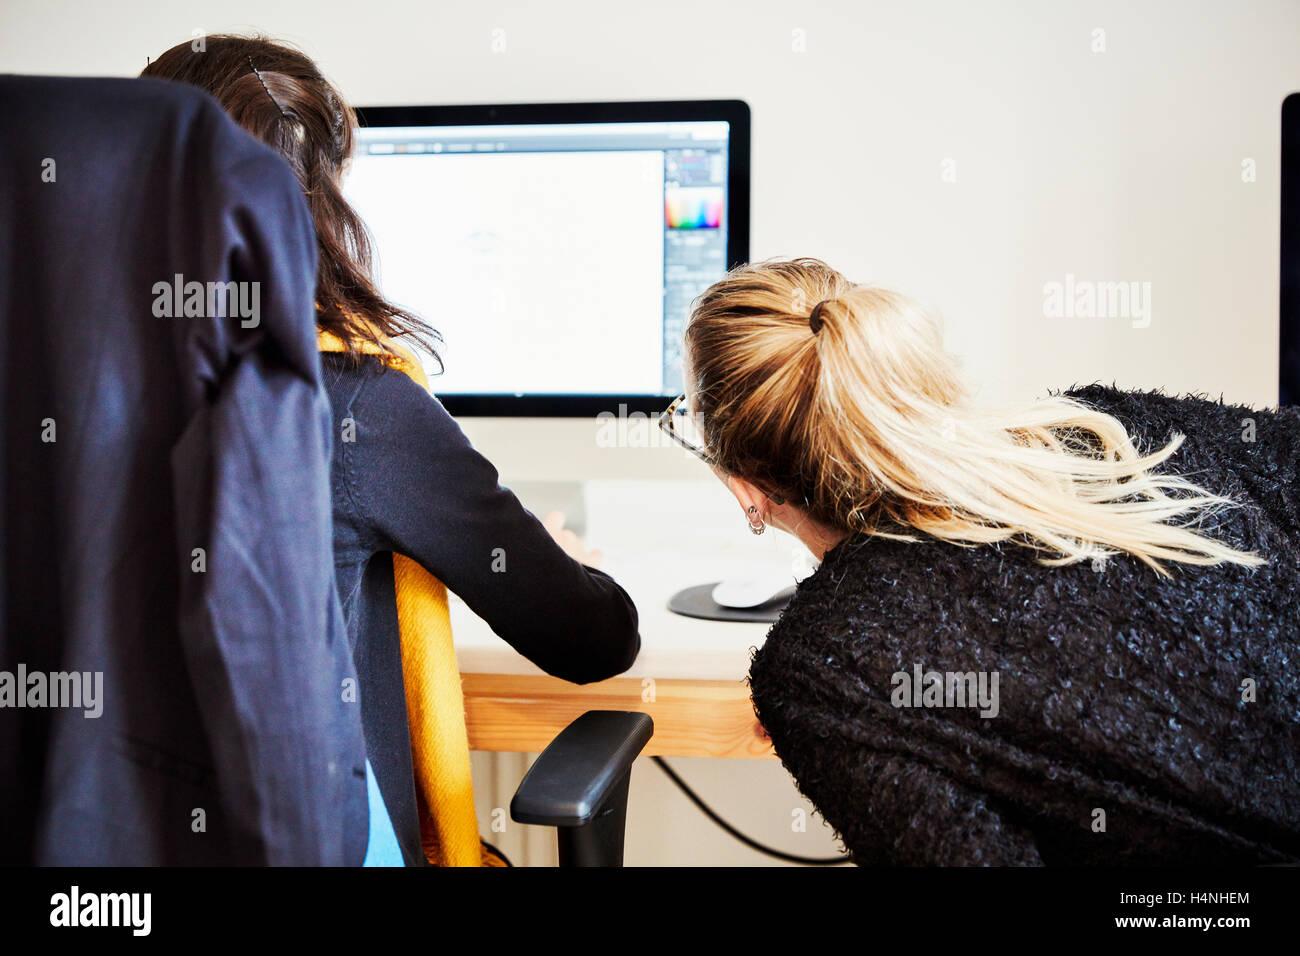 Due donne seduti condividere lo schermo di un computer e di discutere il contenuto grafico. Immagini Stock